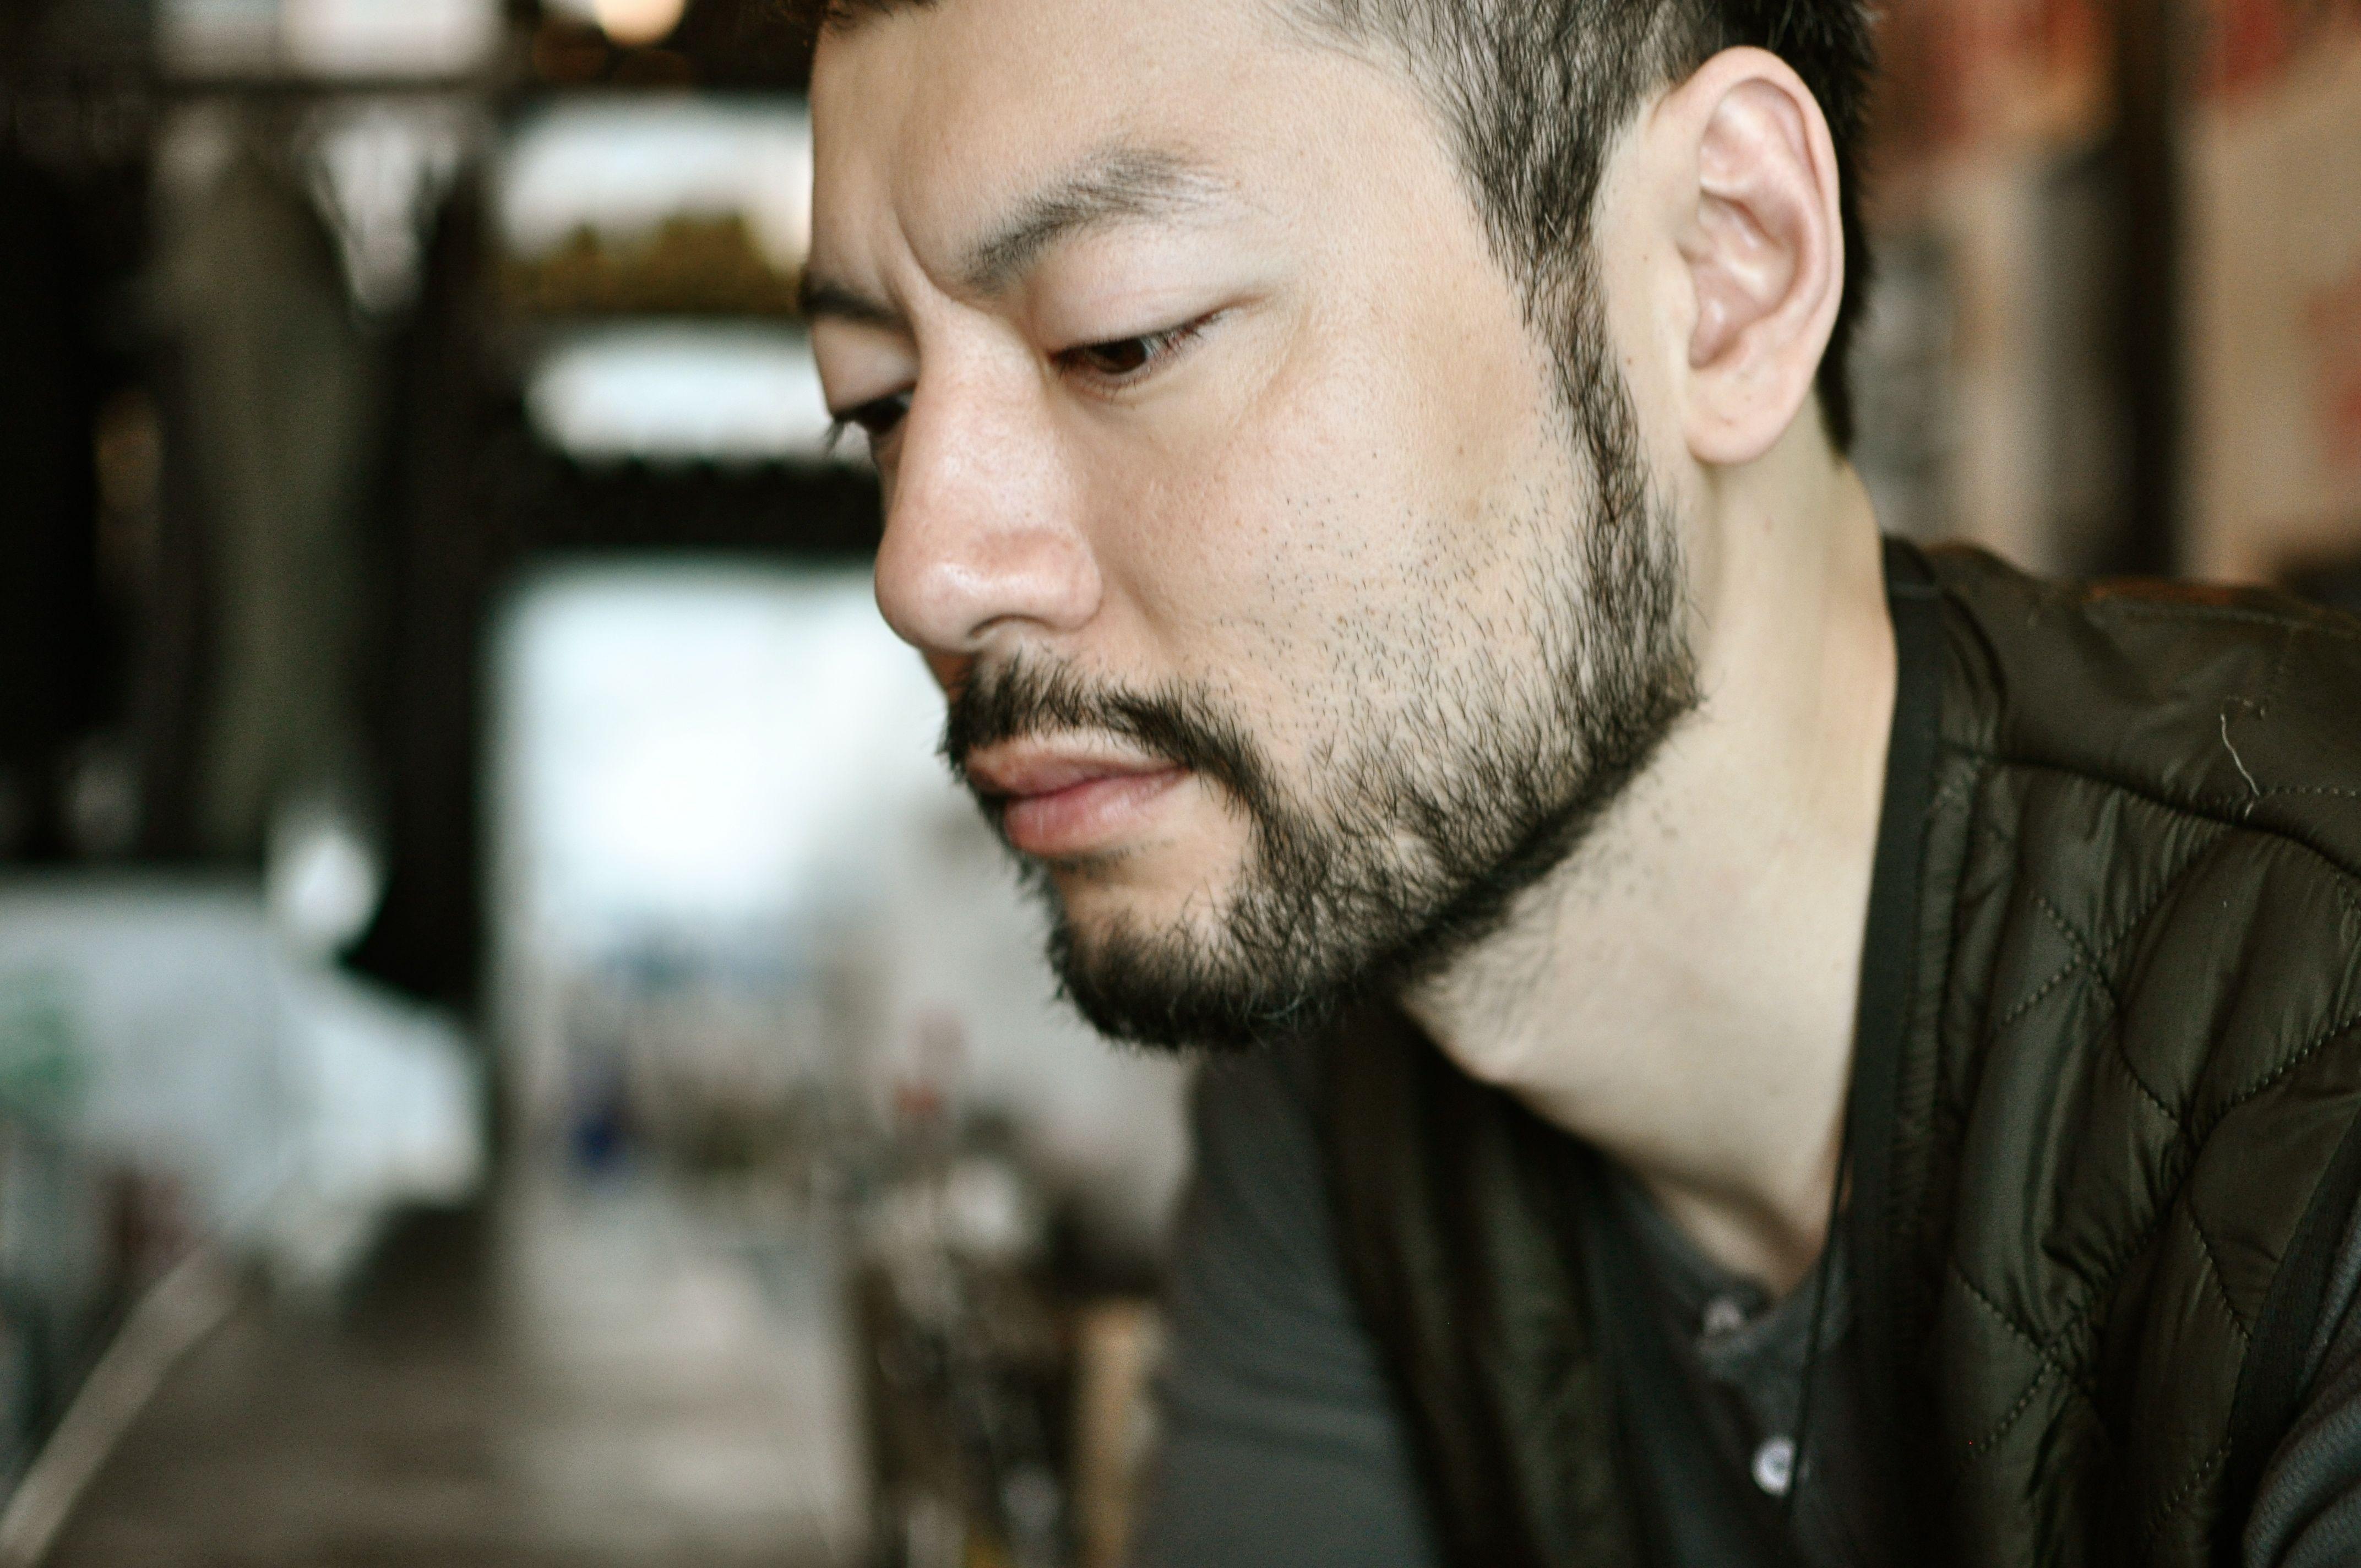 Asian grow beard